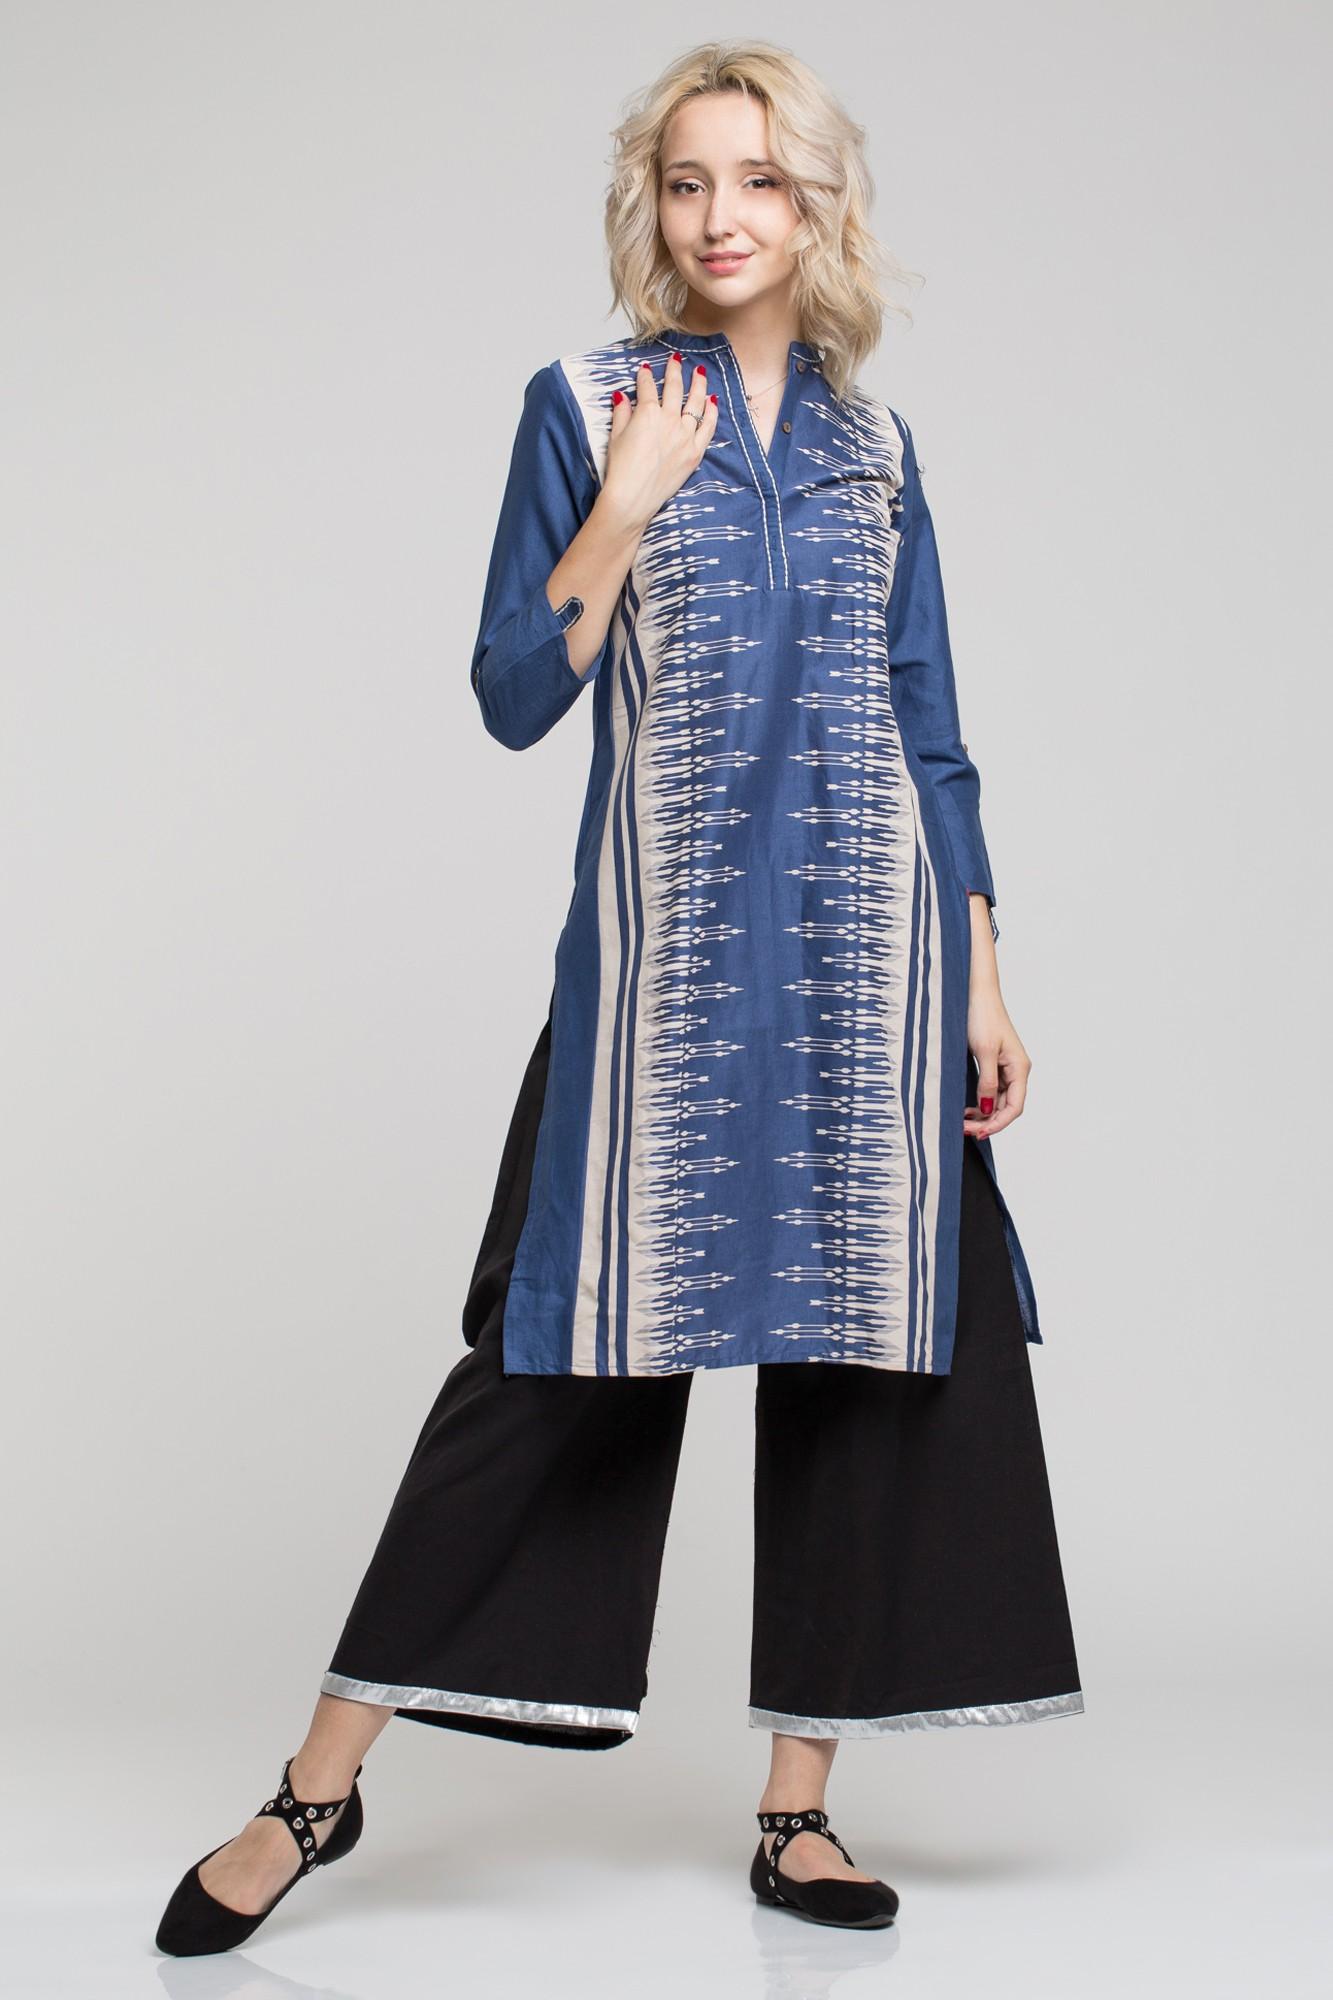 Costum traditional indian cu tunica albastra cu imprimeu alb si maneci reglabile